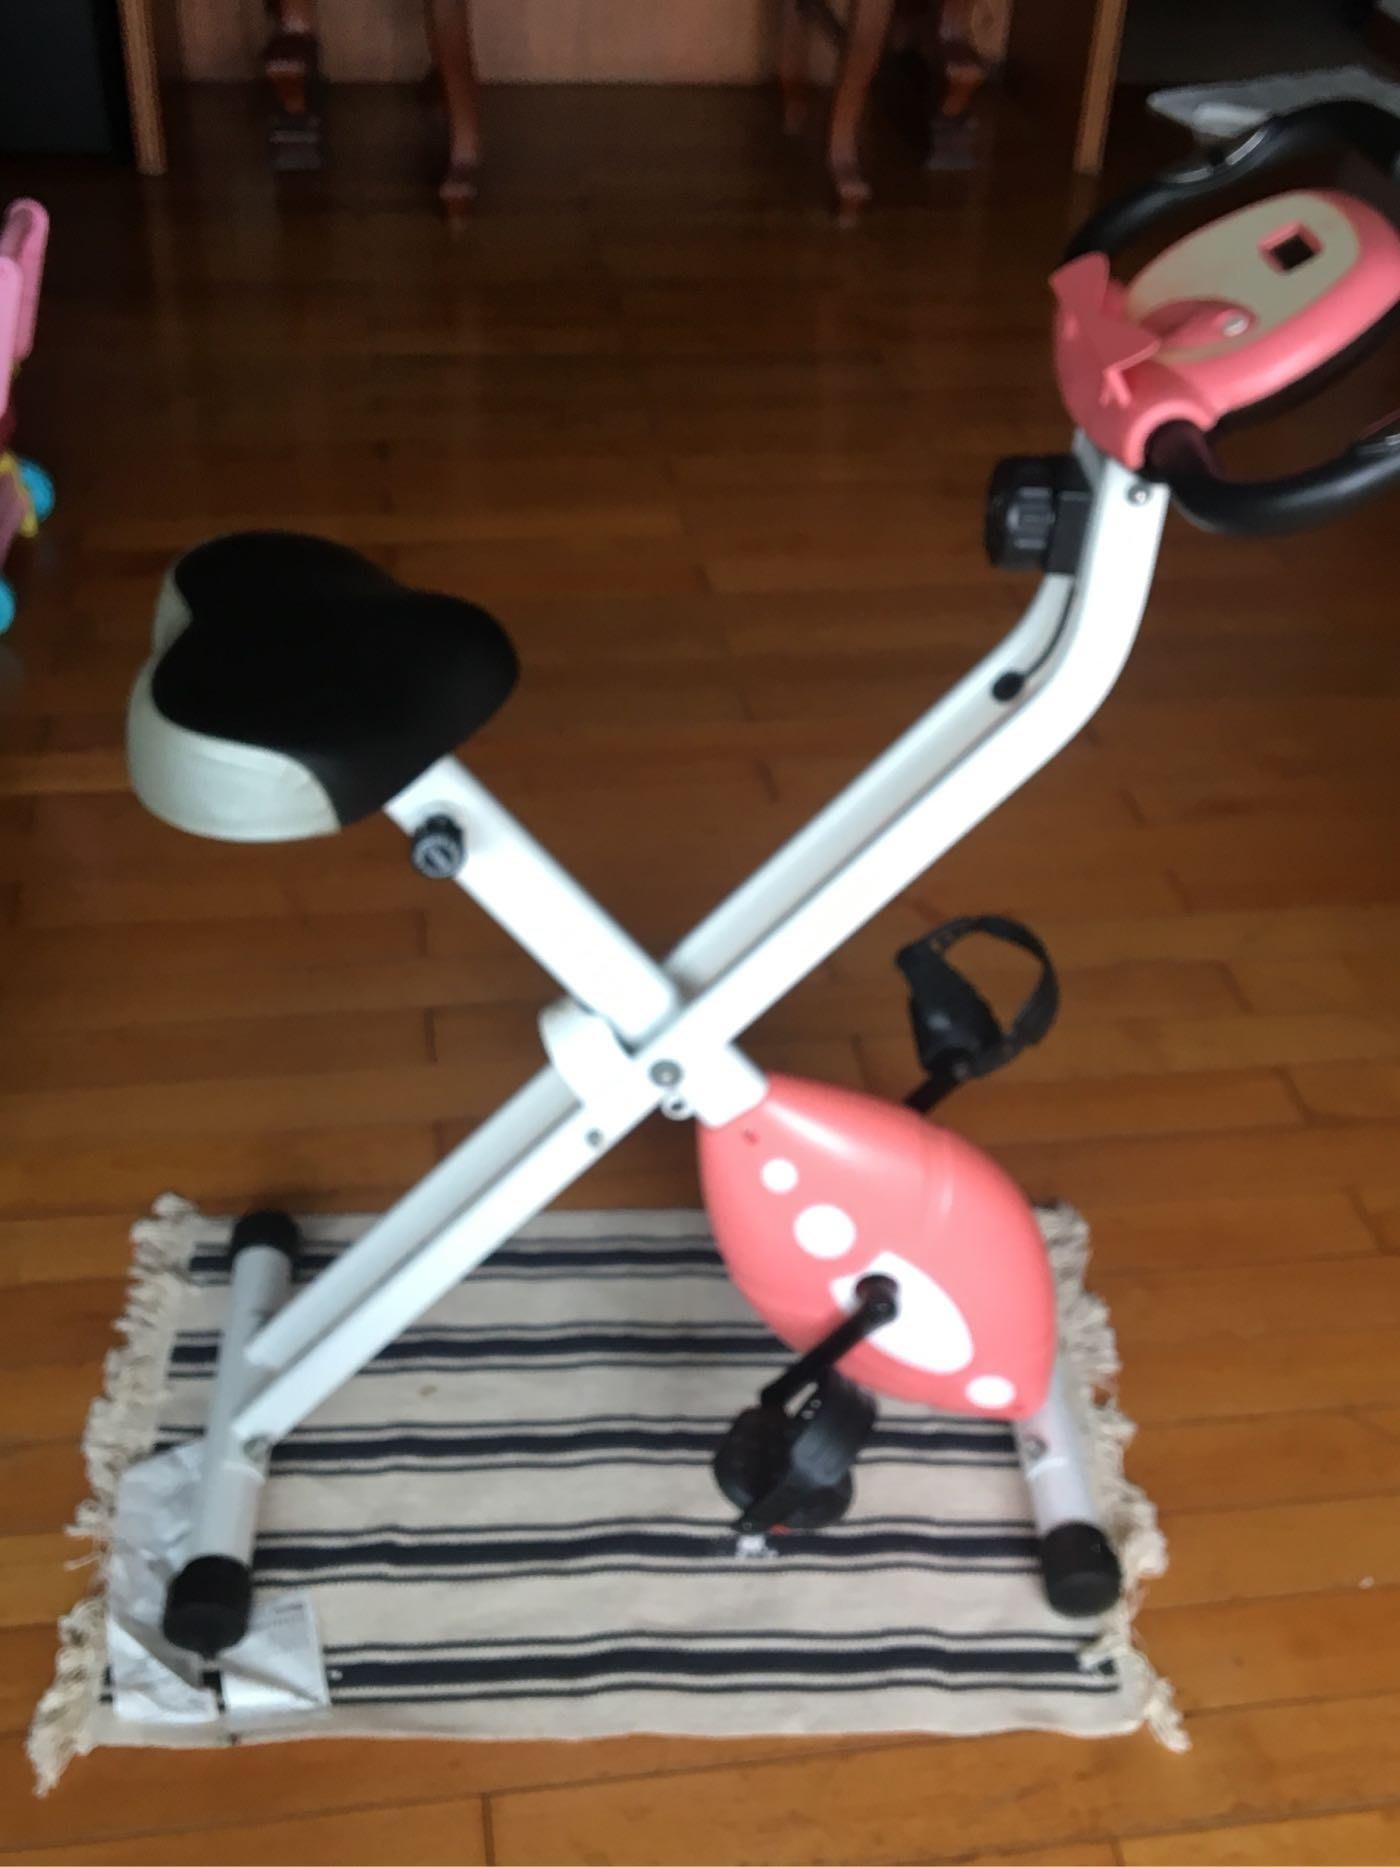 二手  New Fitty Bike 超靜音室內腳踏車/居家磁控健身車 健身腳踏車 在家踩飛輪 甜心粉橘色